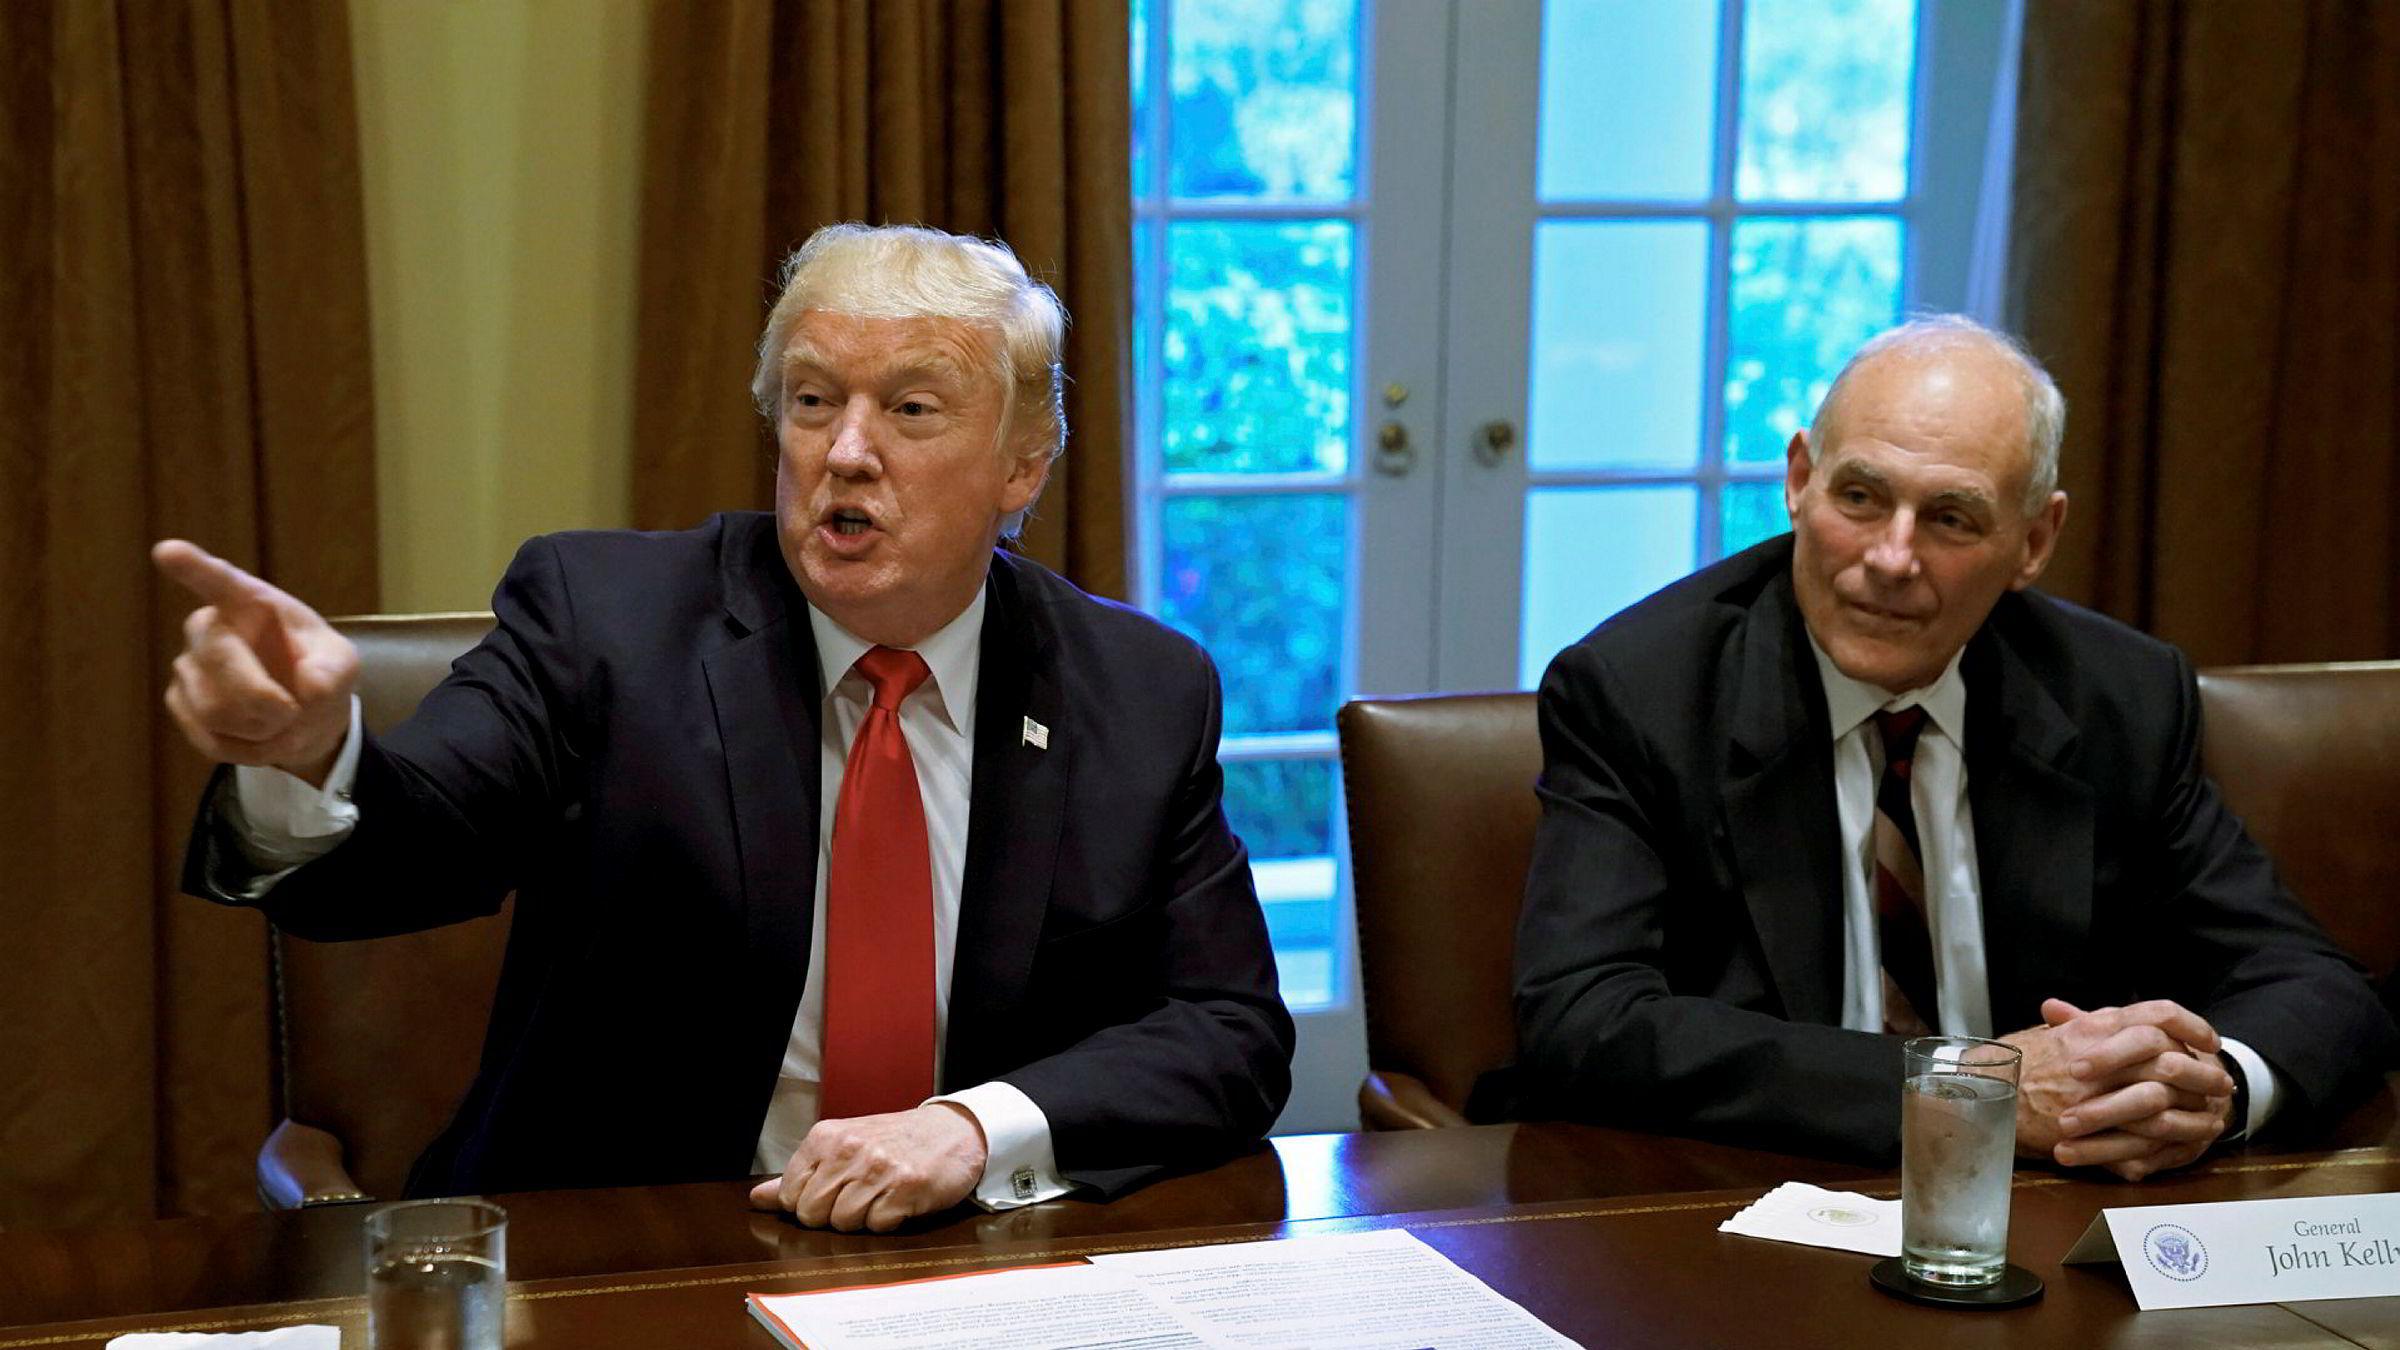 Stabssjef John Kelly (t.h) nekter for å ha kalt president Donald Trump (t.v.) for «idiot» foran ansatte. Bildet er fra oktober.